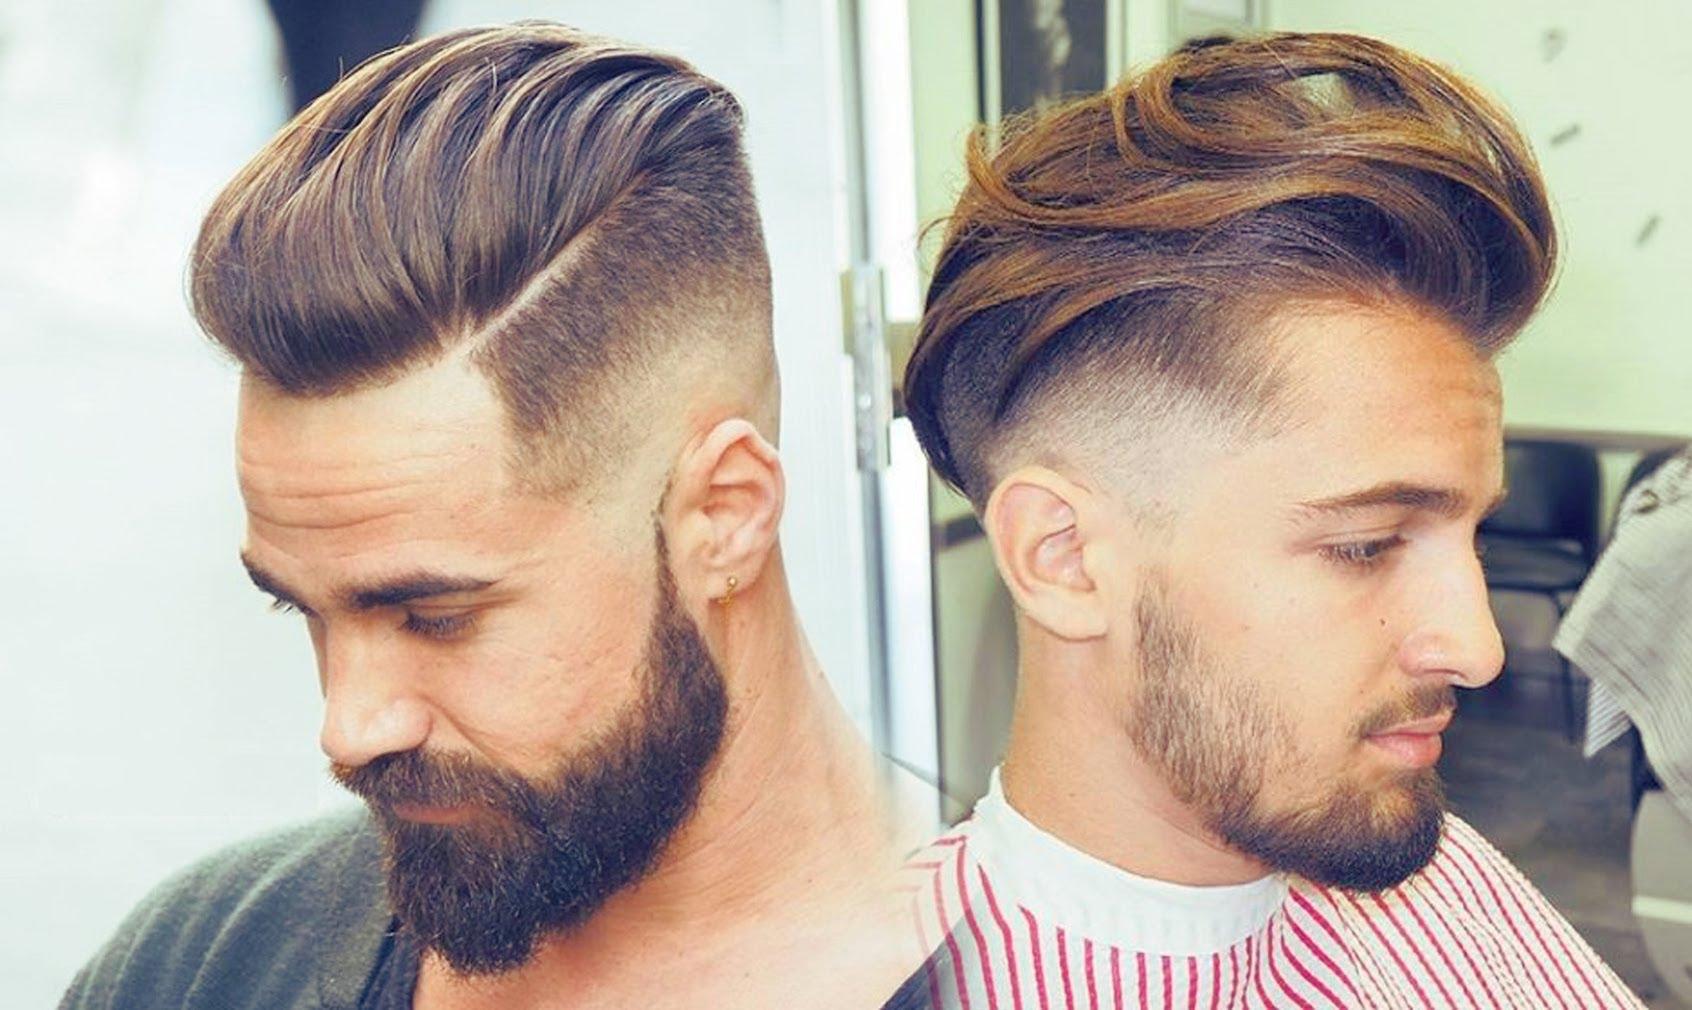 بالصور احدث قصات الشعر للرجال , اجعل شعرك اكثر تالق 1278 13